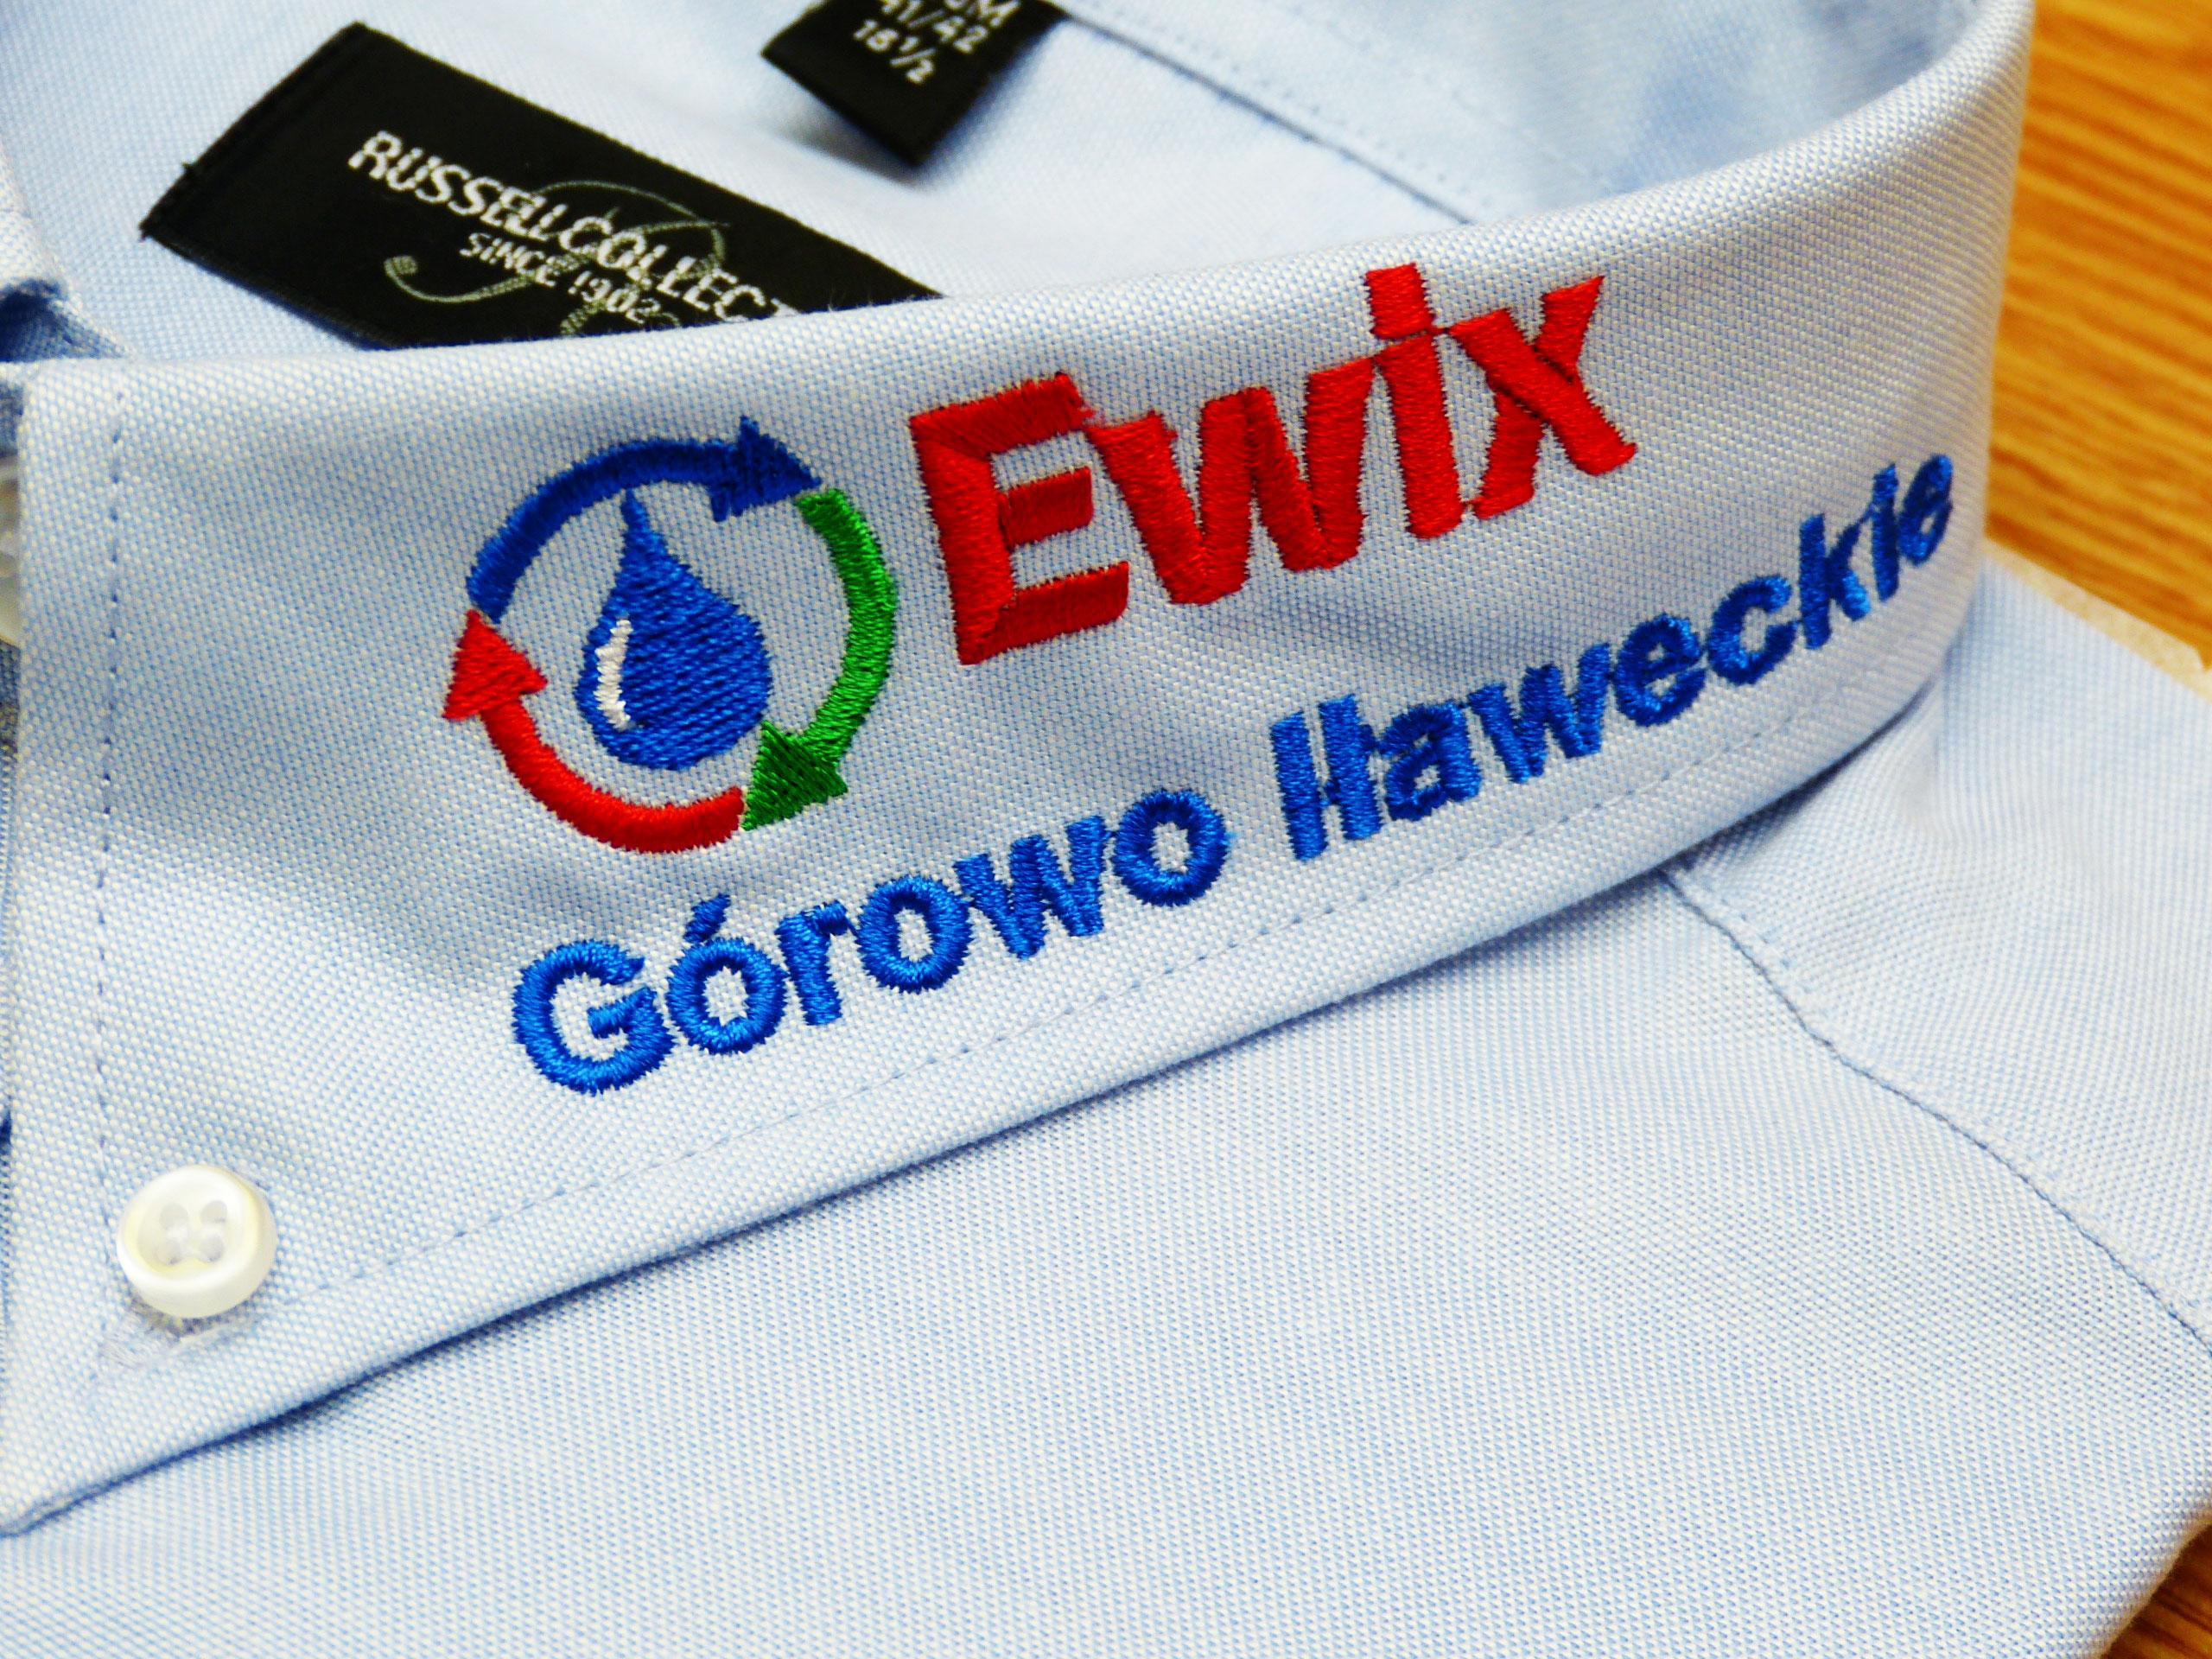 Wykonanie haftu komputerowego na koszuli firmowej.